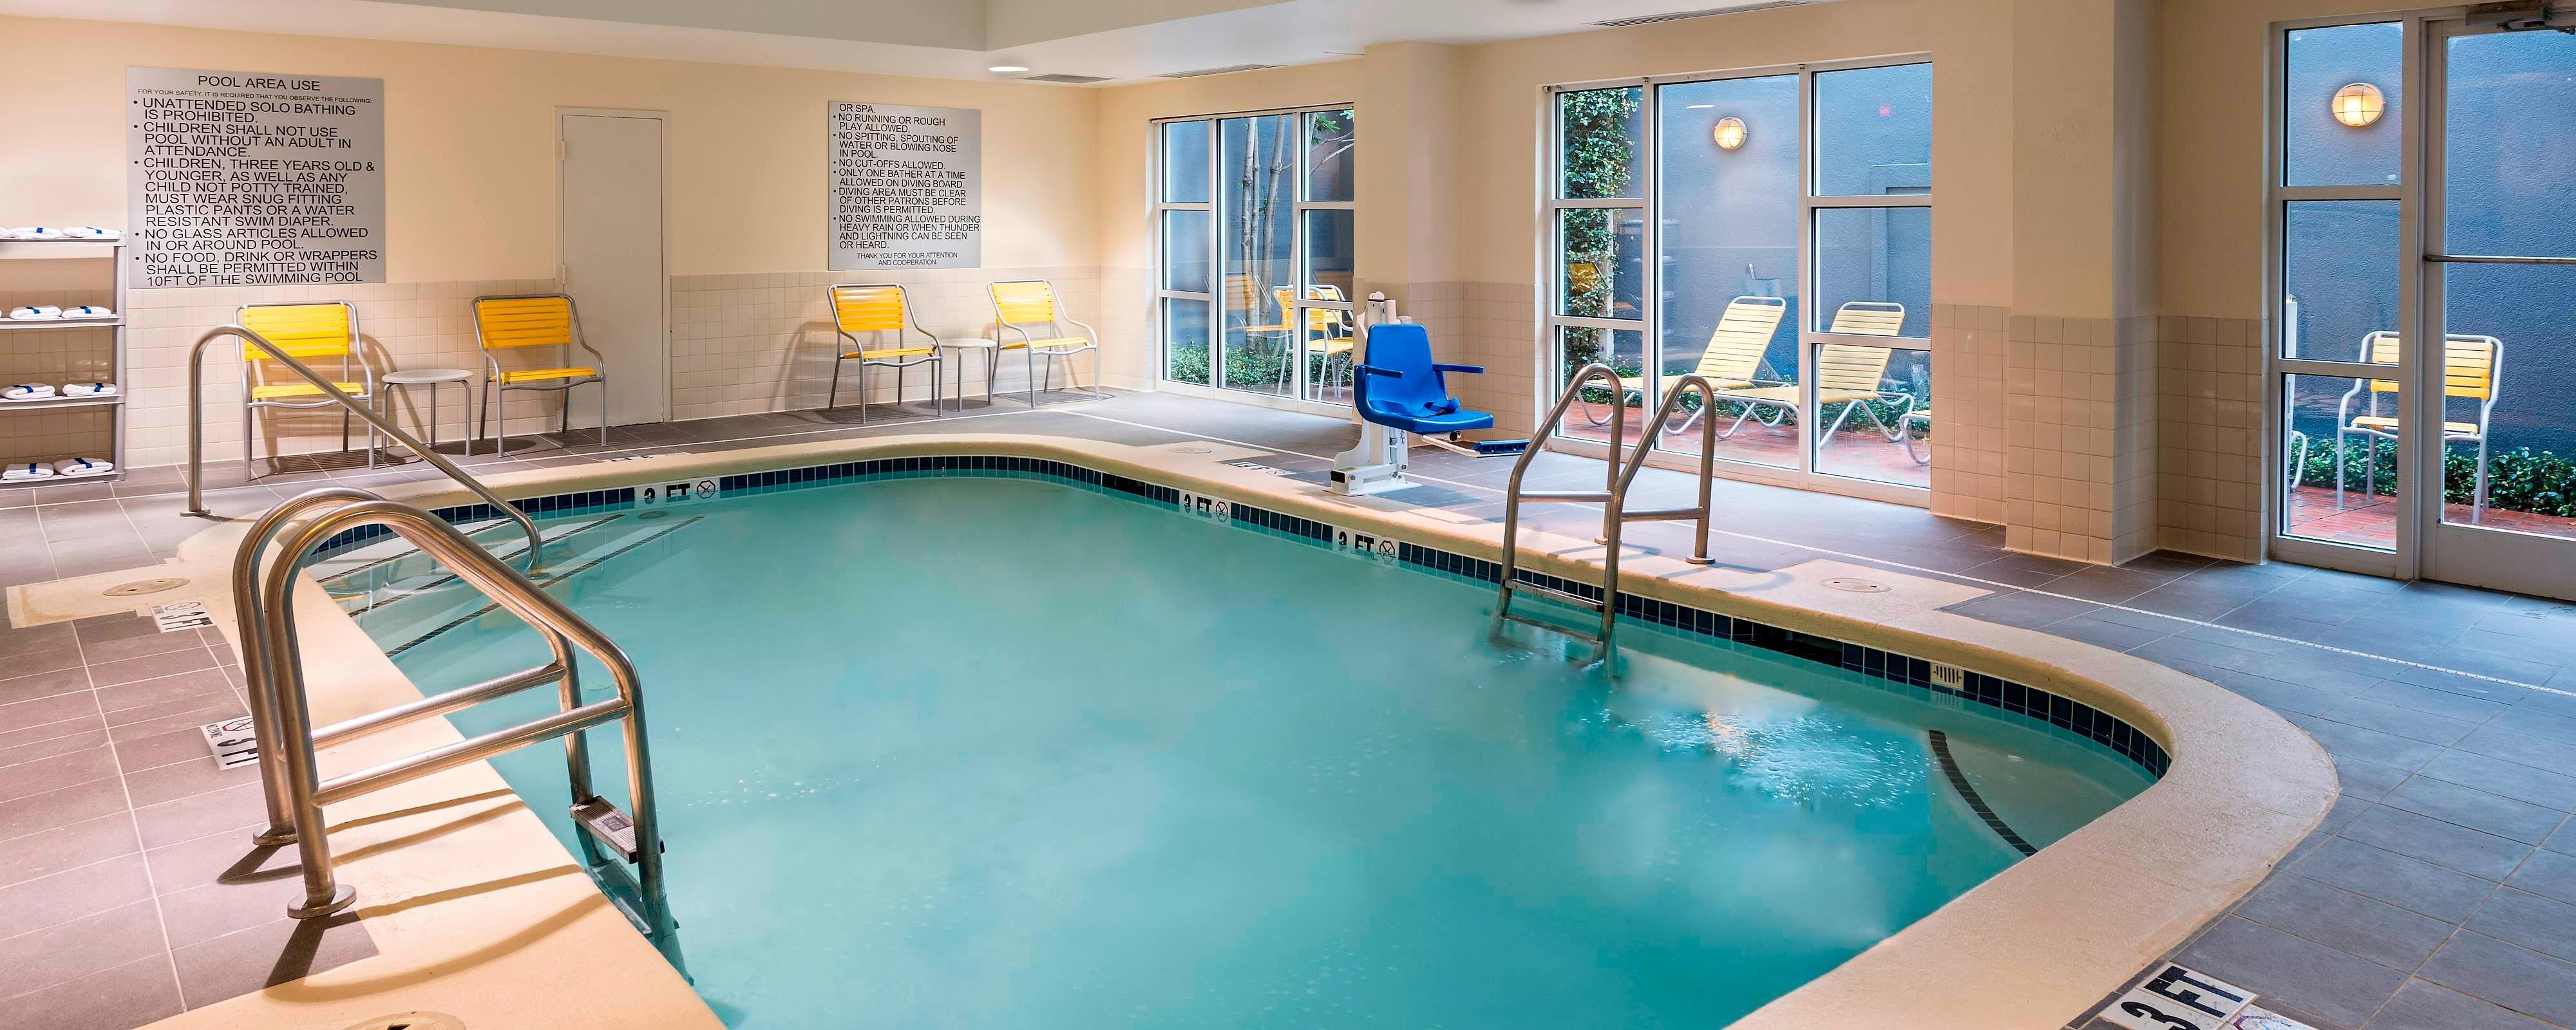 Atlanta, GA Hotels With Indoor Pools